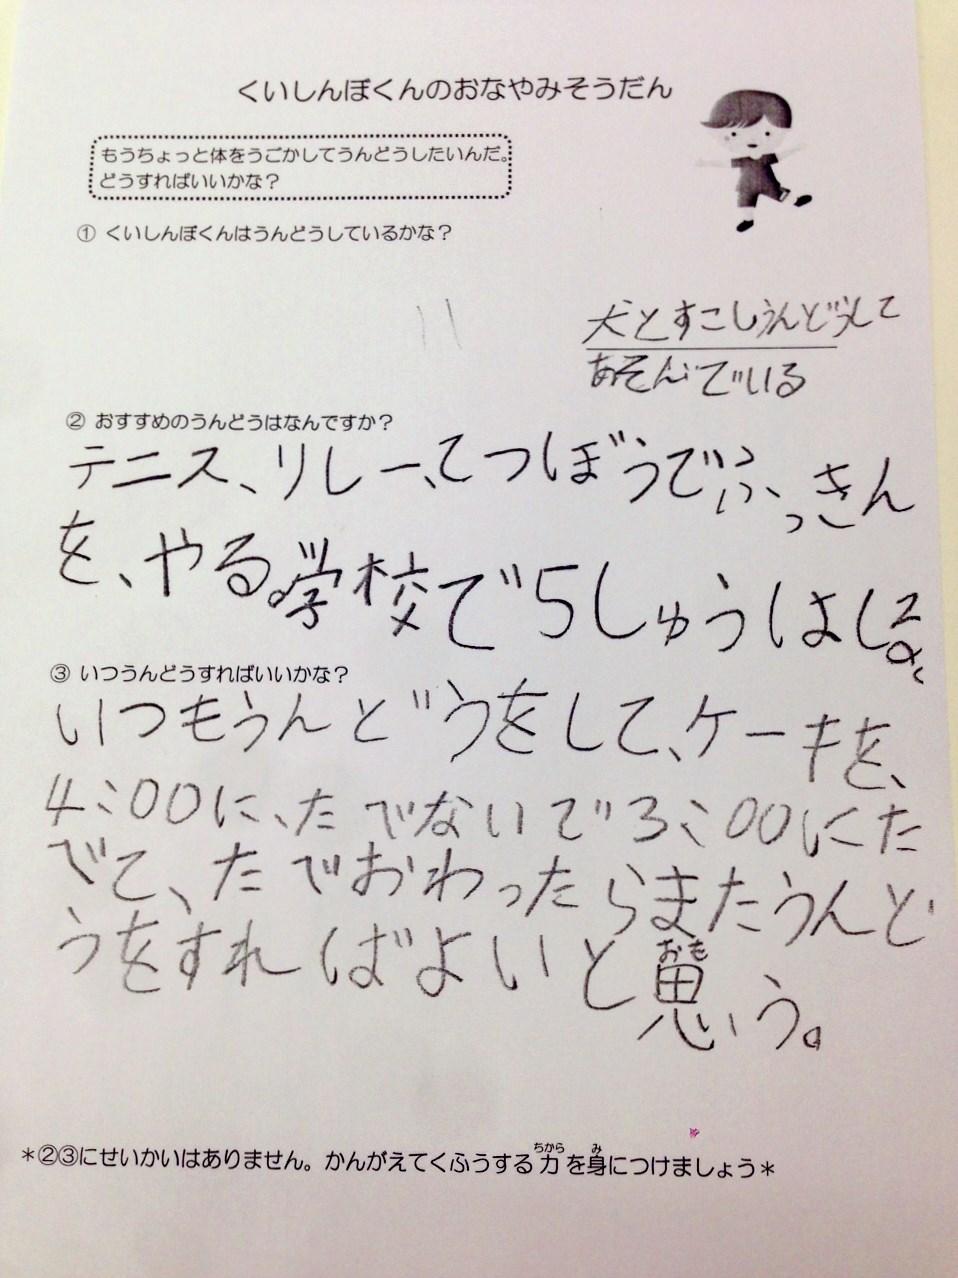 くいしんぼくんのおなやみそうだん(小学2年生①)